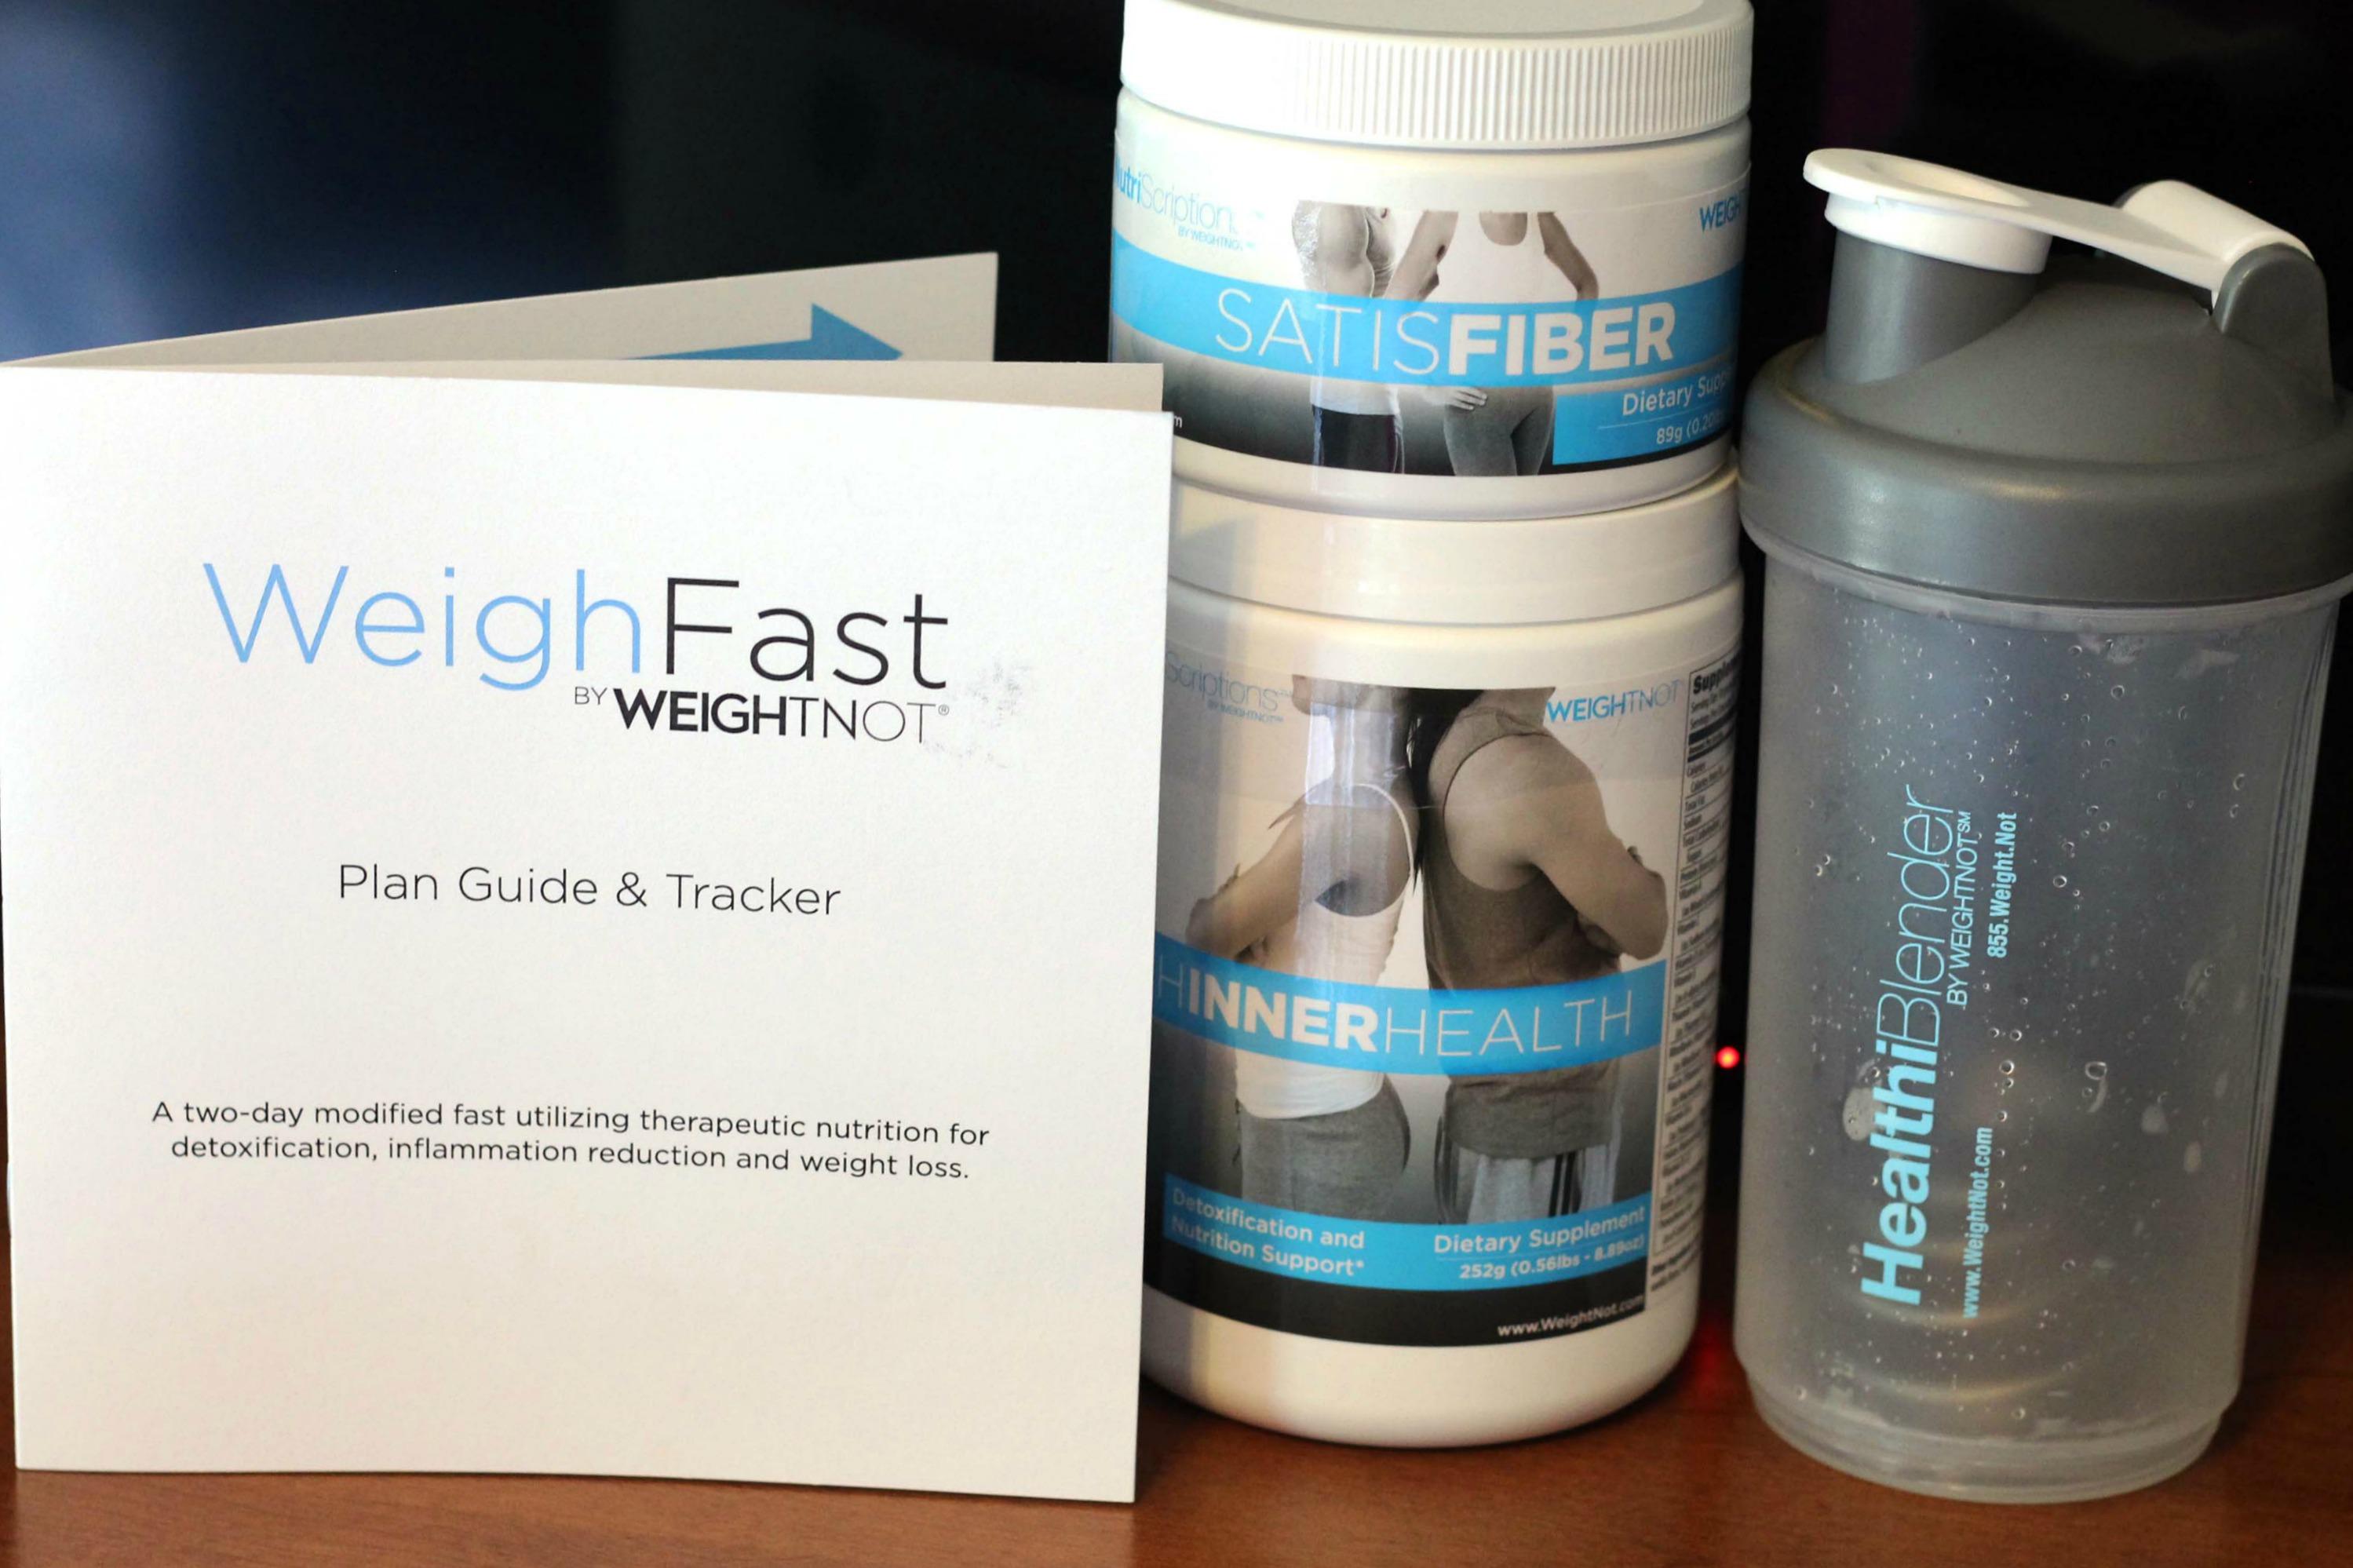 WeighFast